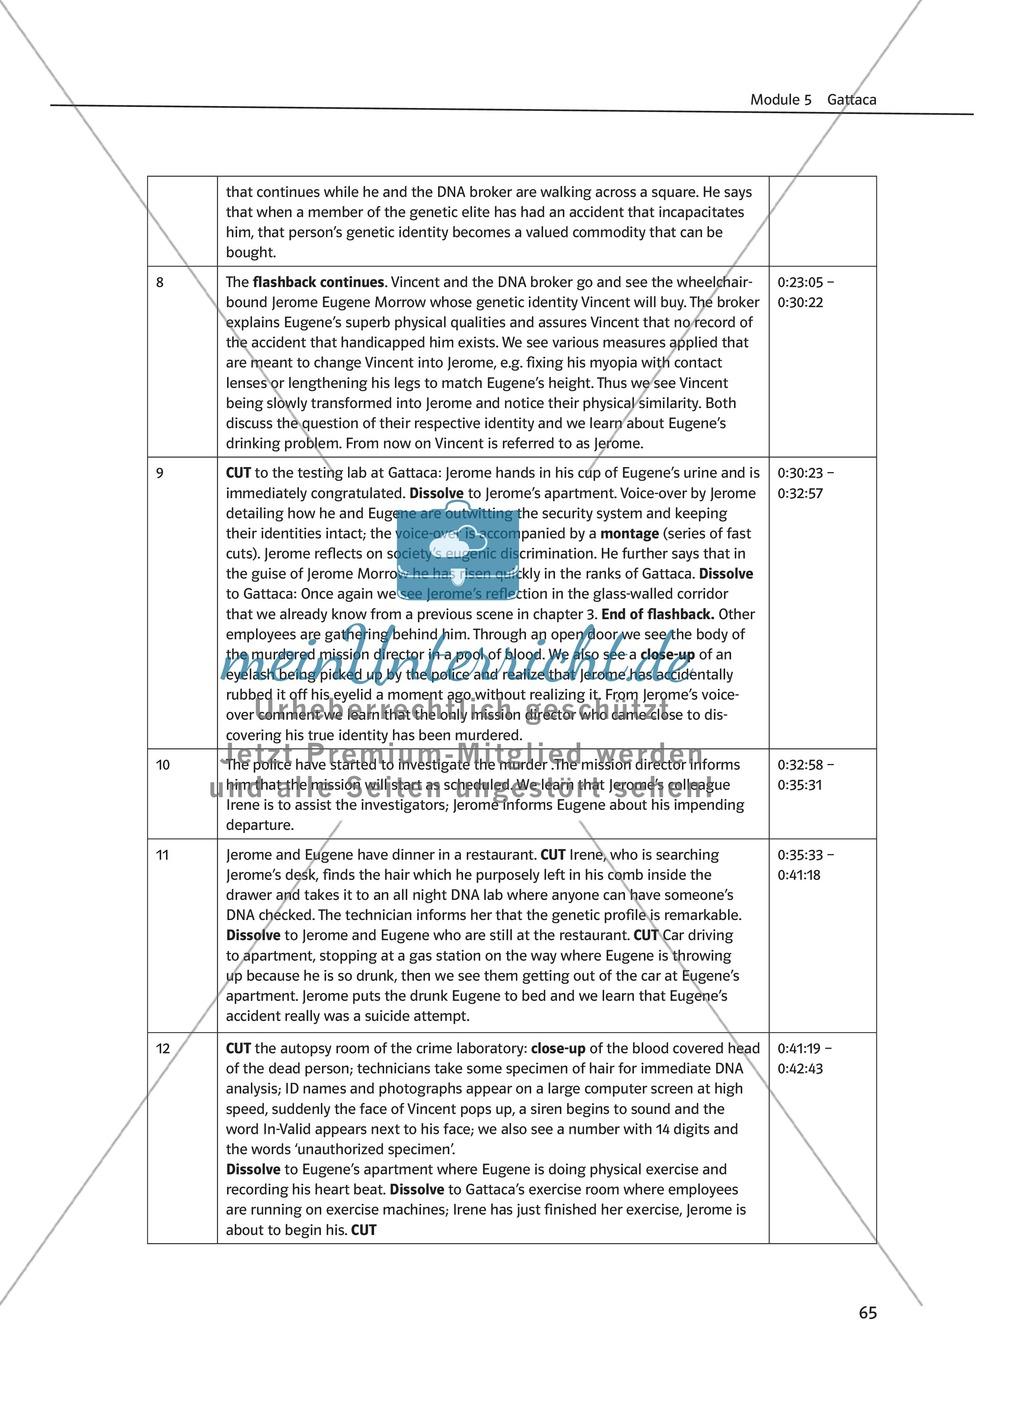 Gattaca - Allgemeine Informationen und Szenenprotokoll - Übersicht über Inhalt und Kameraeinstellungen Preview 2